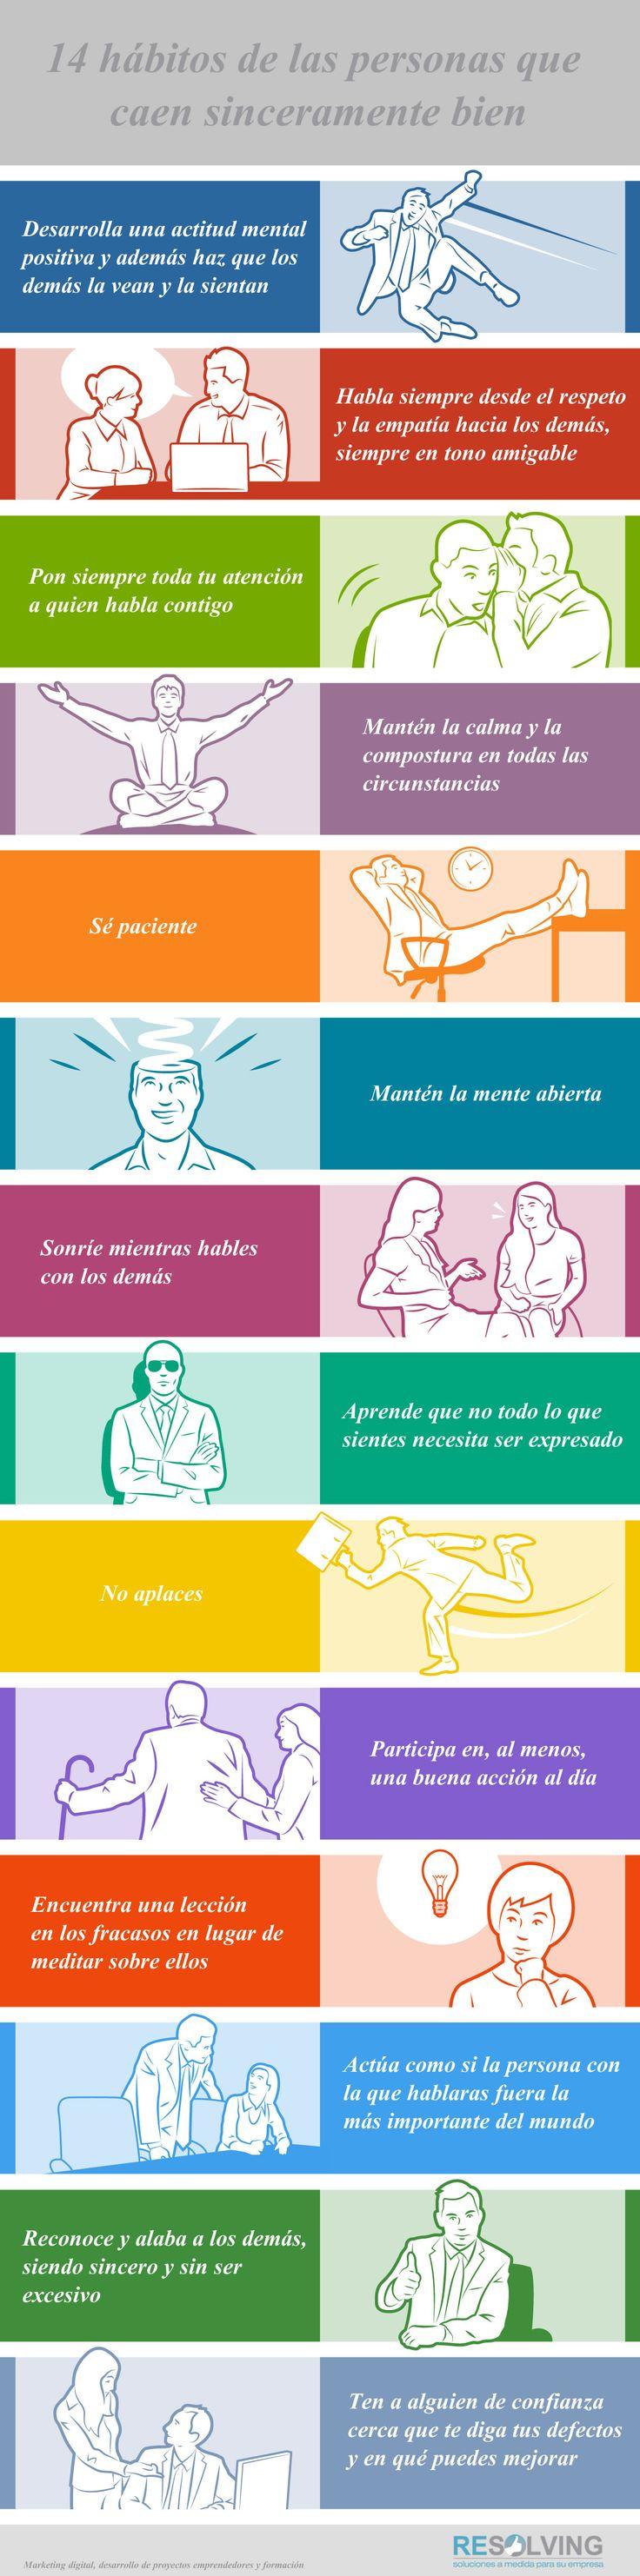 Hola: Una infografía con14 hábitos de las personas que caen sinceramente bien. Vía Un saludo